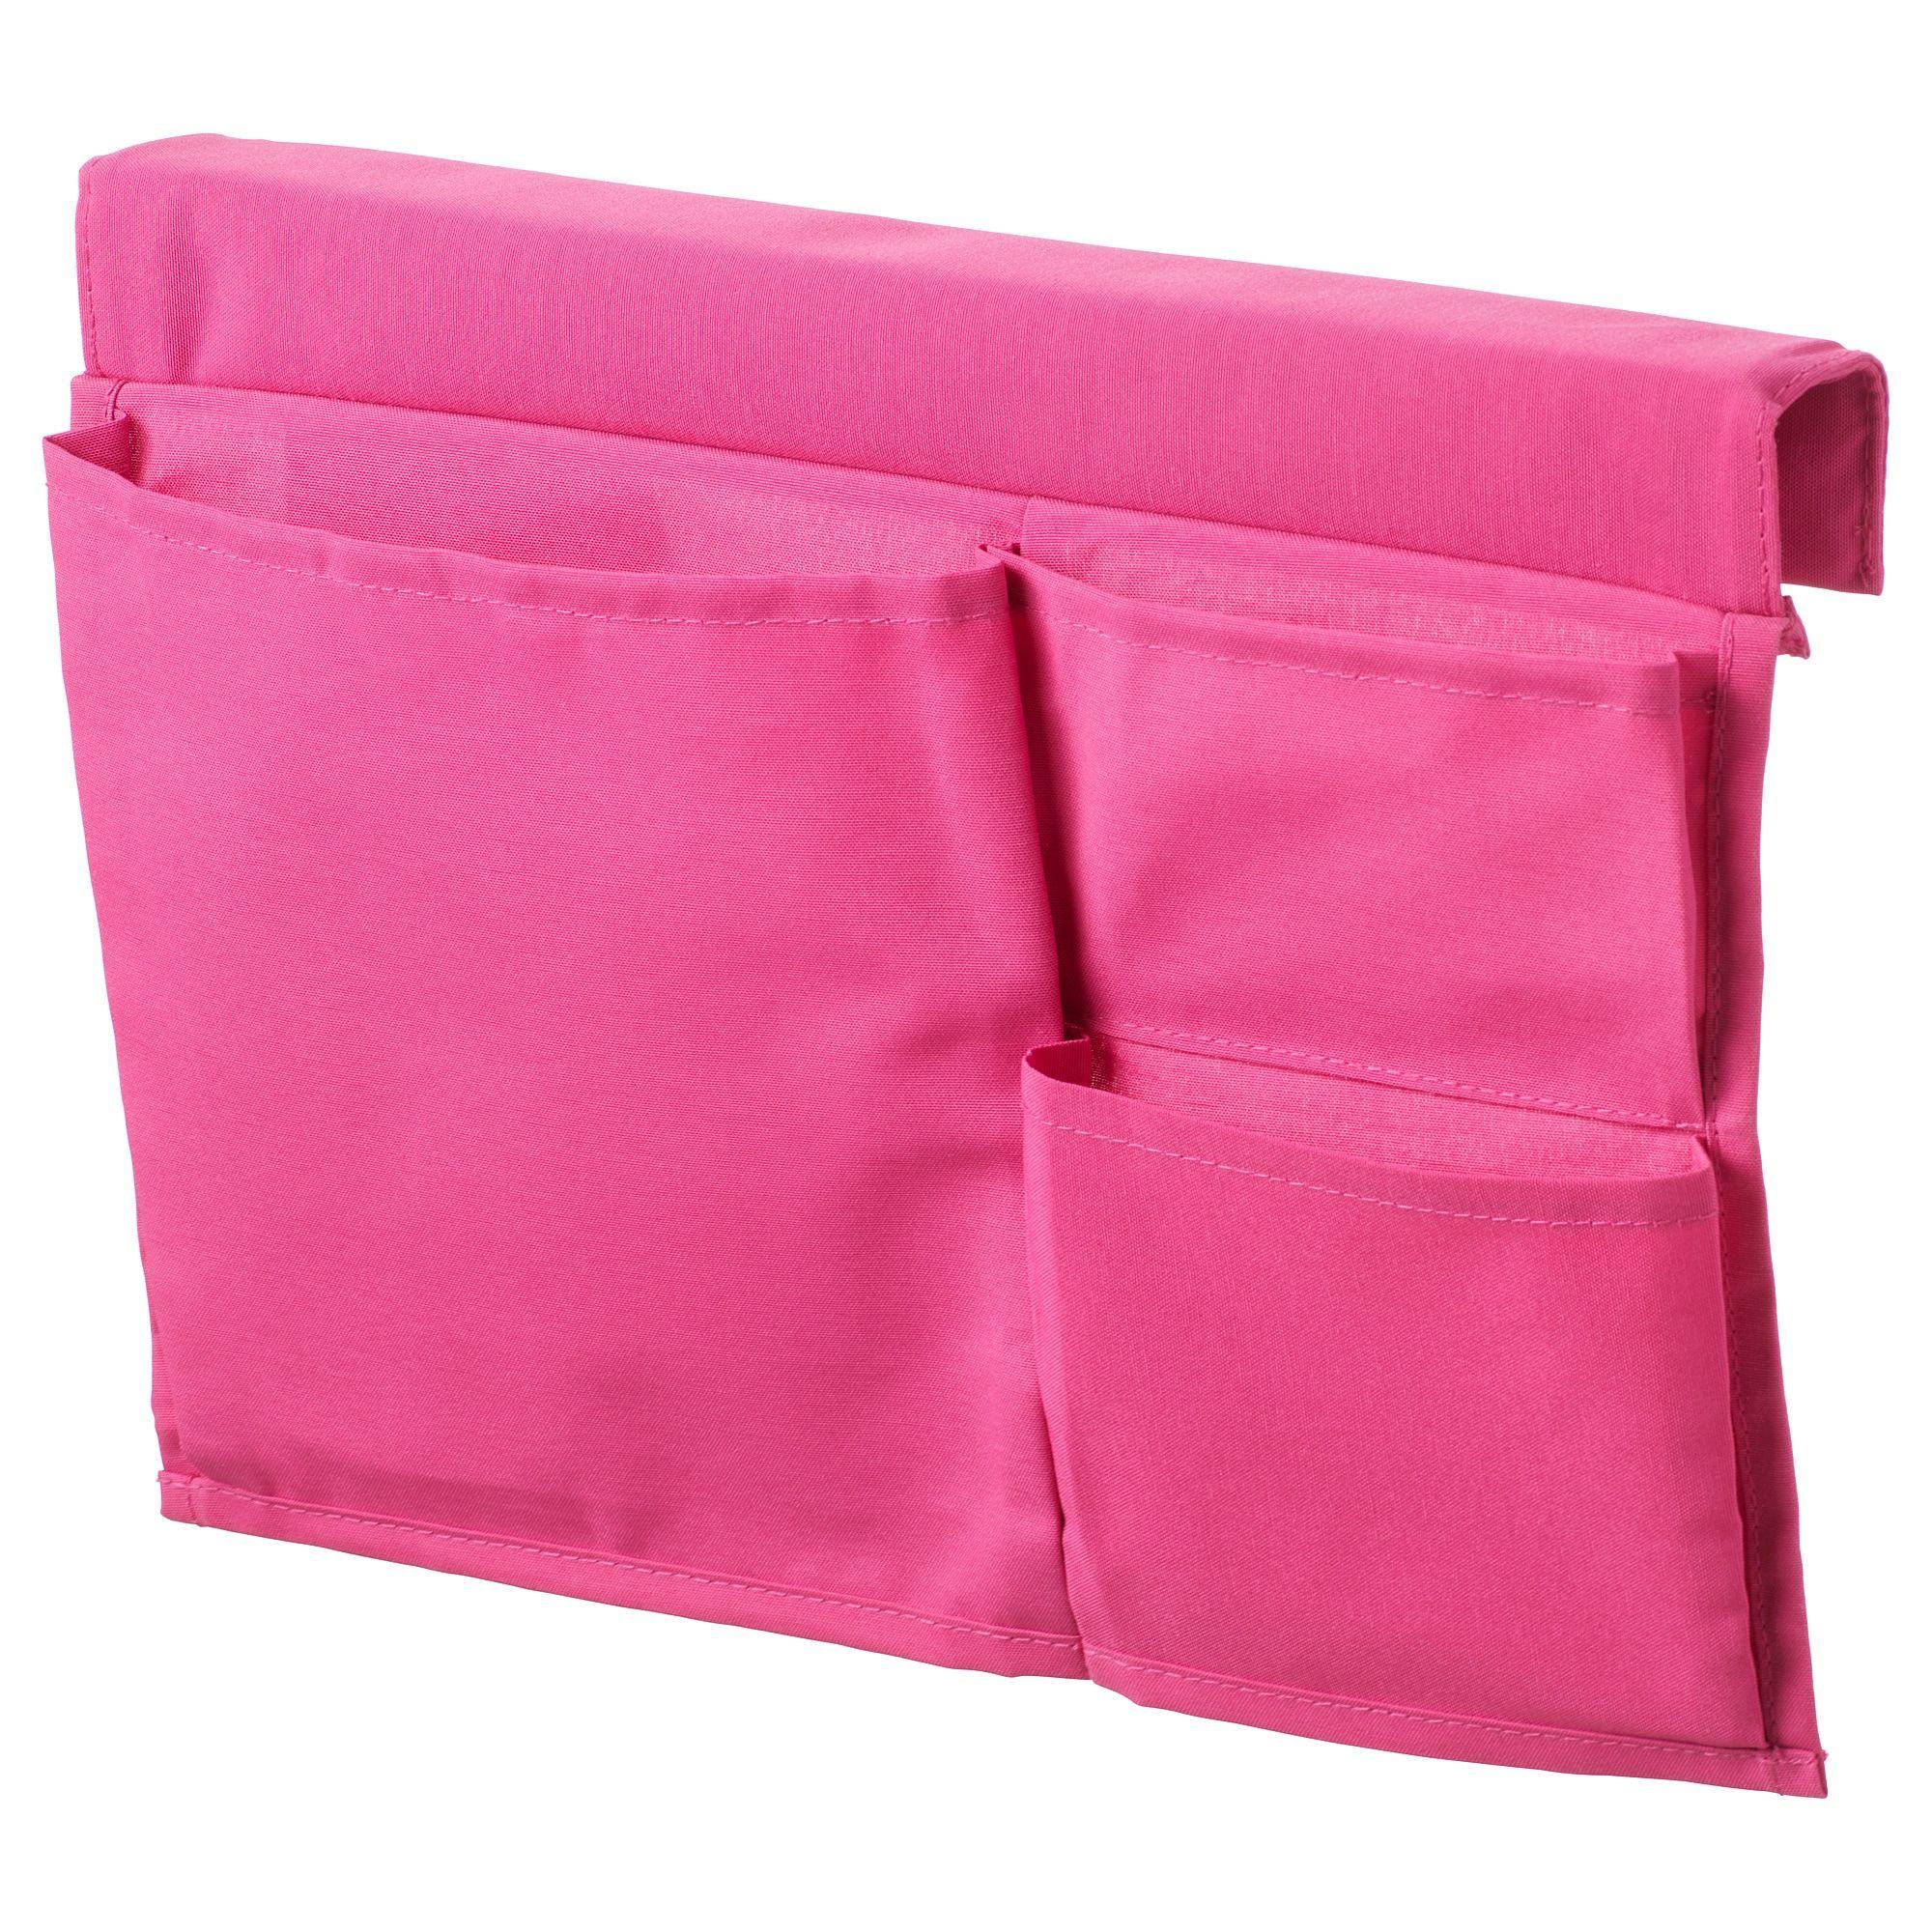 Ikea Stickat Poche Rangement Pour Lit Rose Bed Pocket Ikea Bed Tent